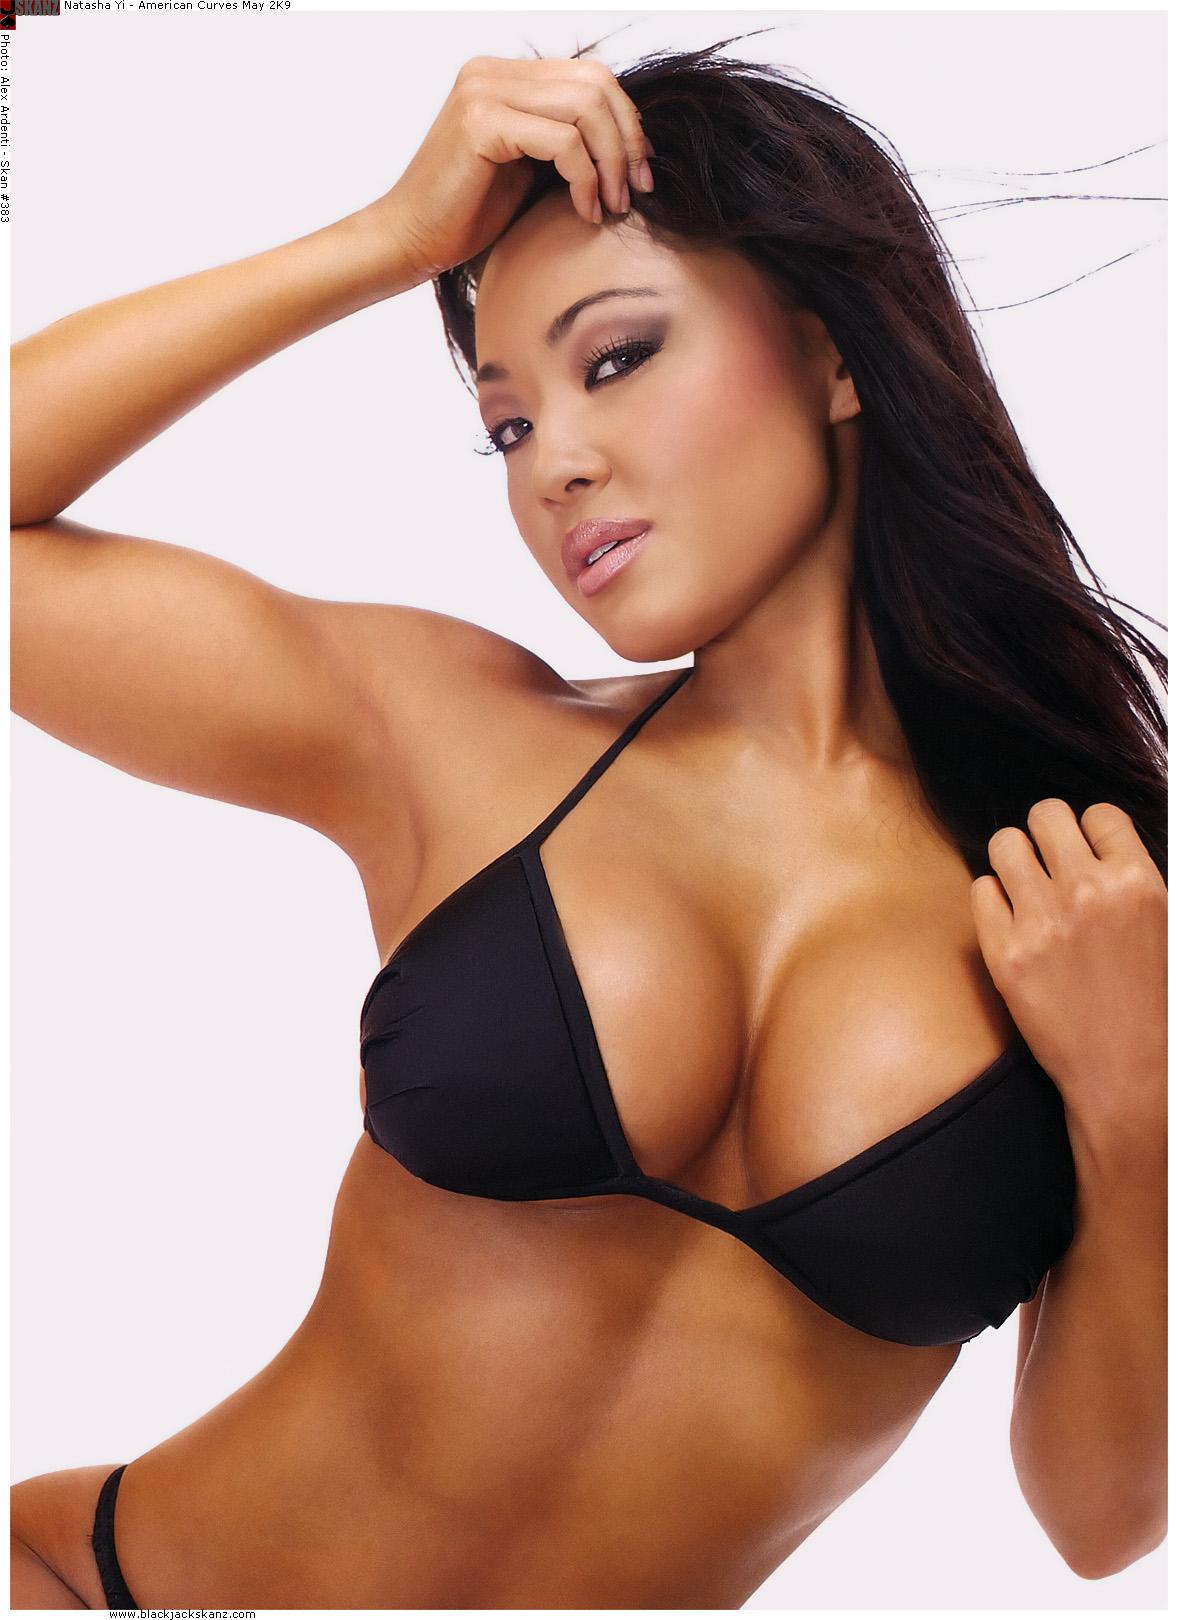 natasha yi nude